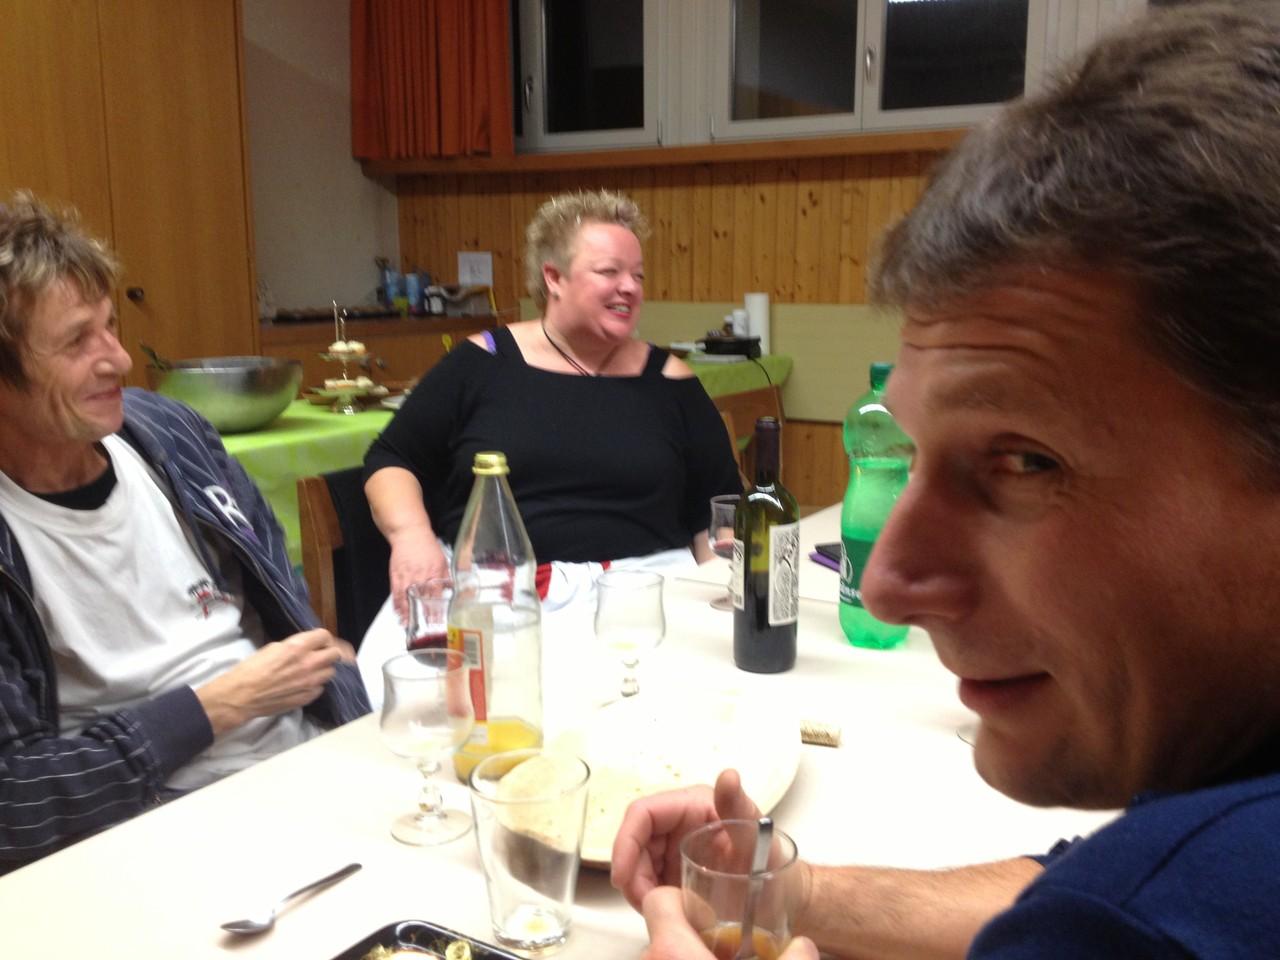 Etwas später am Abend entspannt sich auch die Stimmung bei Präsidentin Trottmann... und Chef-Techniker André (rechts).